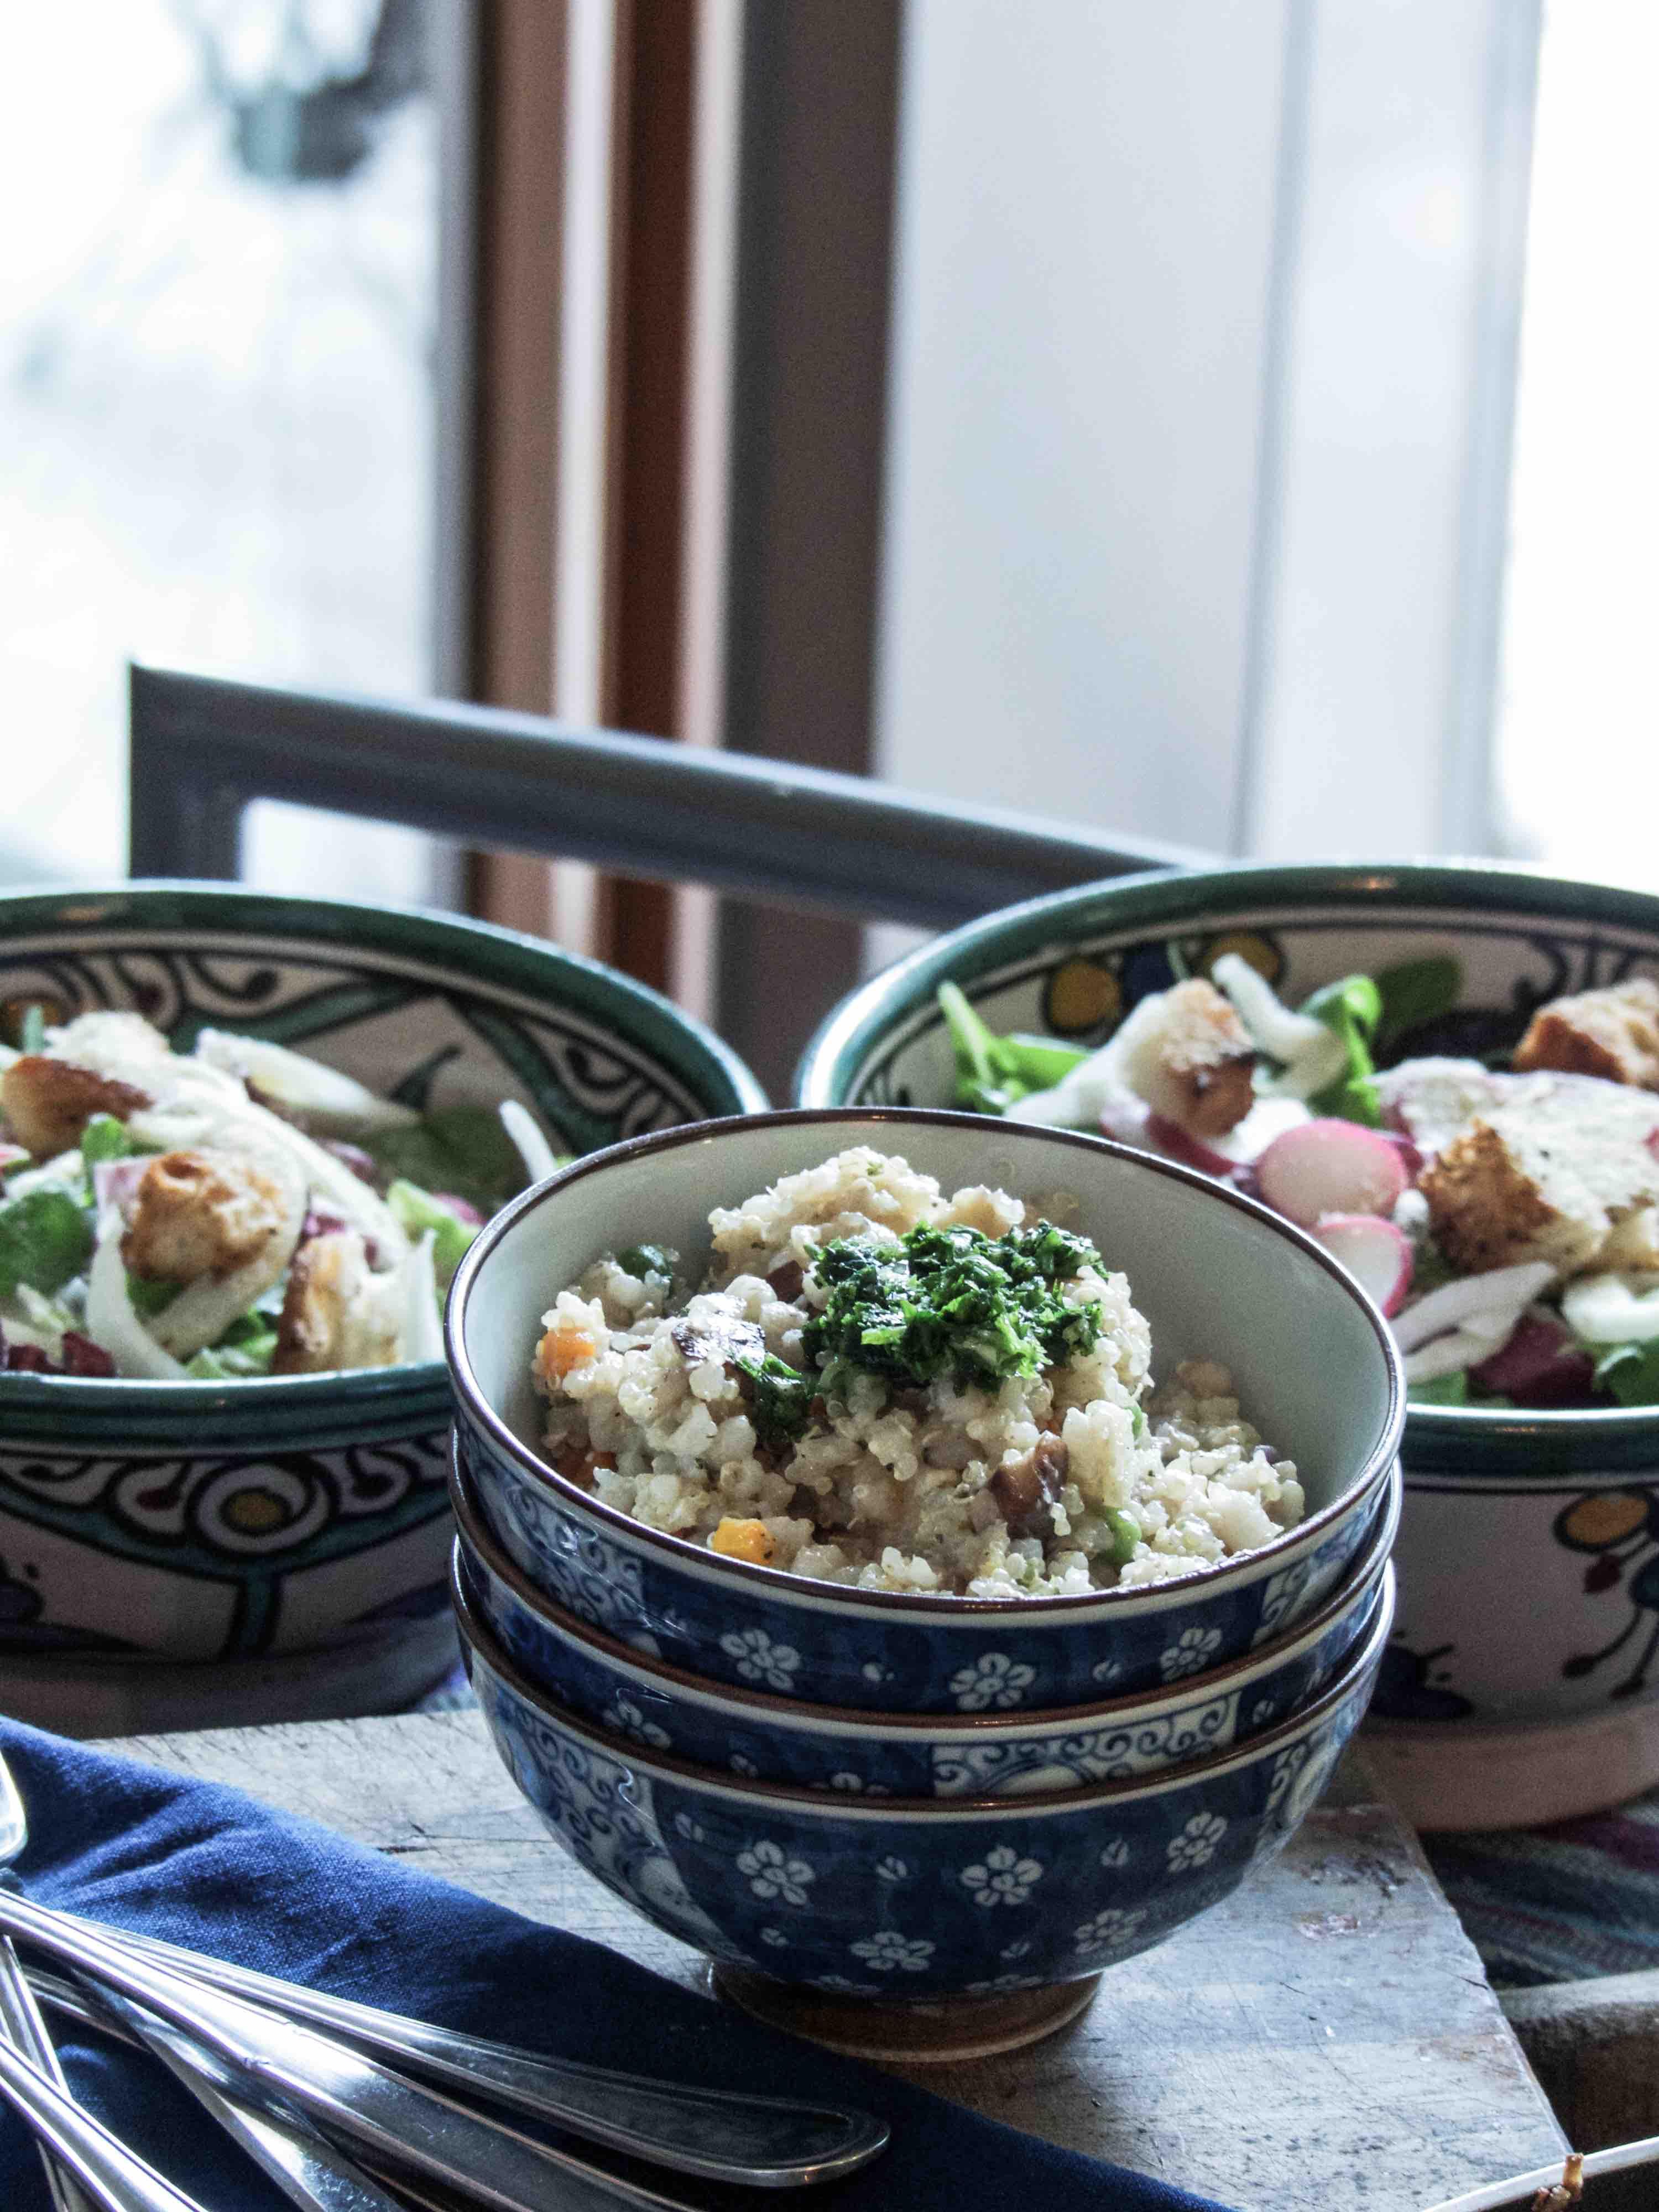 shiitake & tofu stir-fry with mixed grains